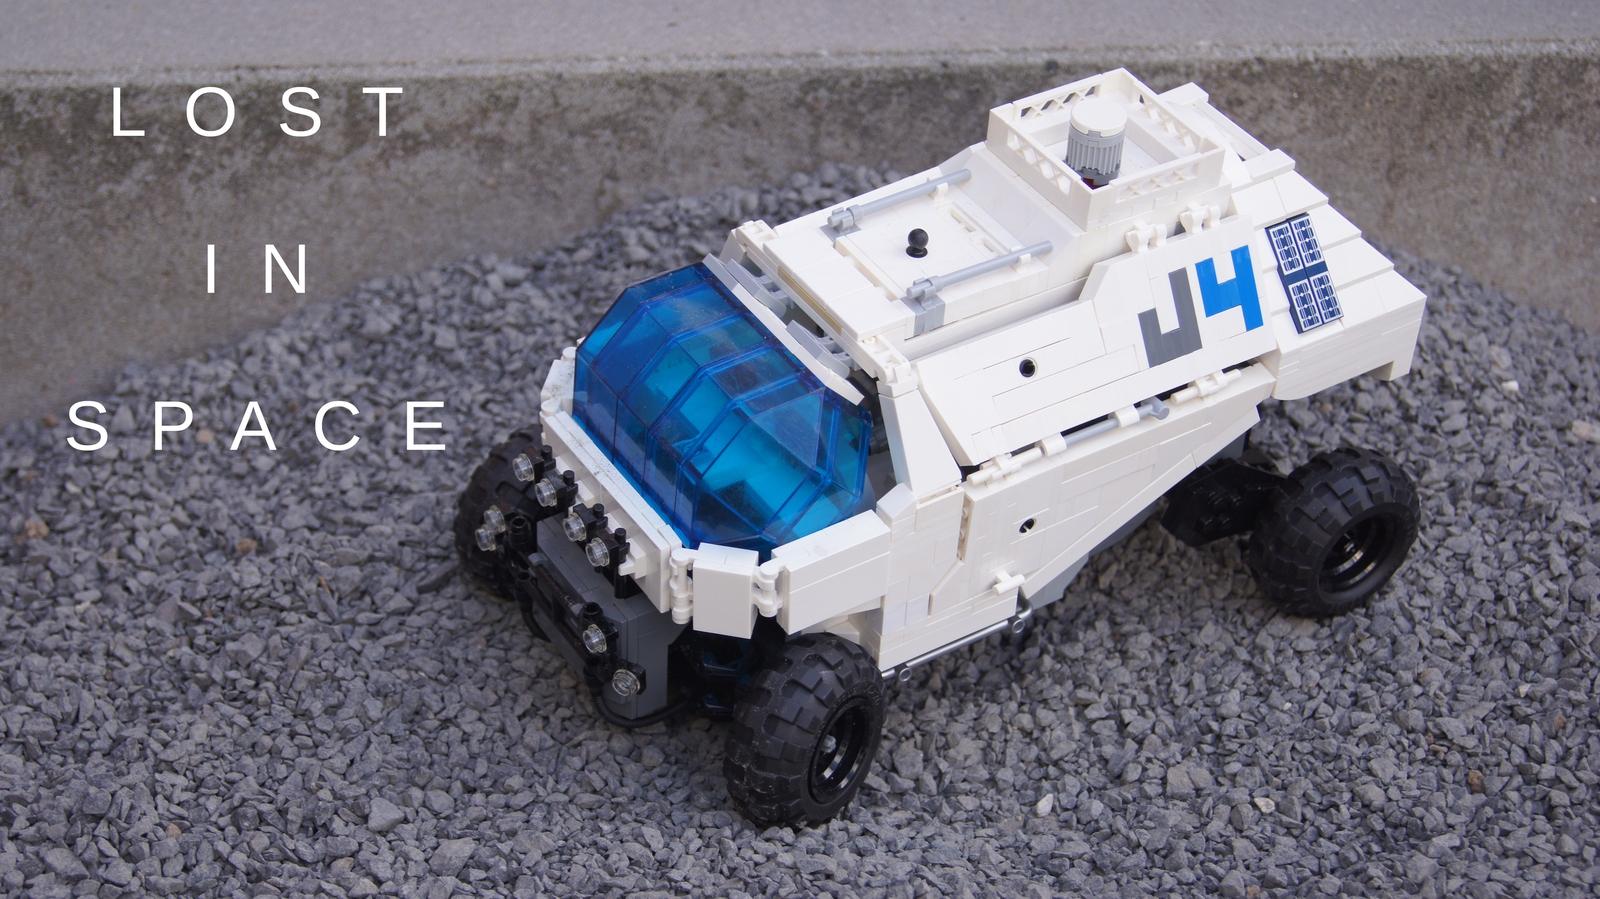 lego-ideas-lost-in-space-j4bricks zusammengebaut.com